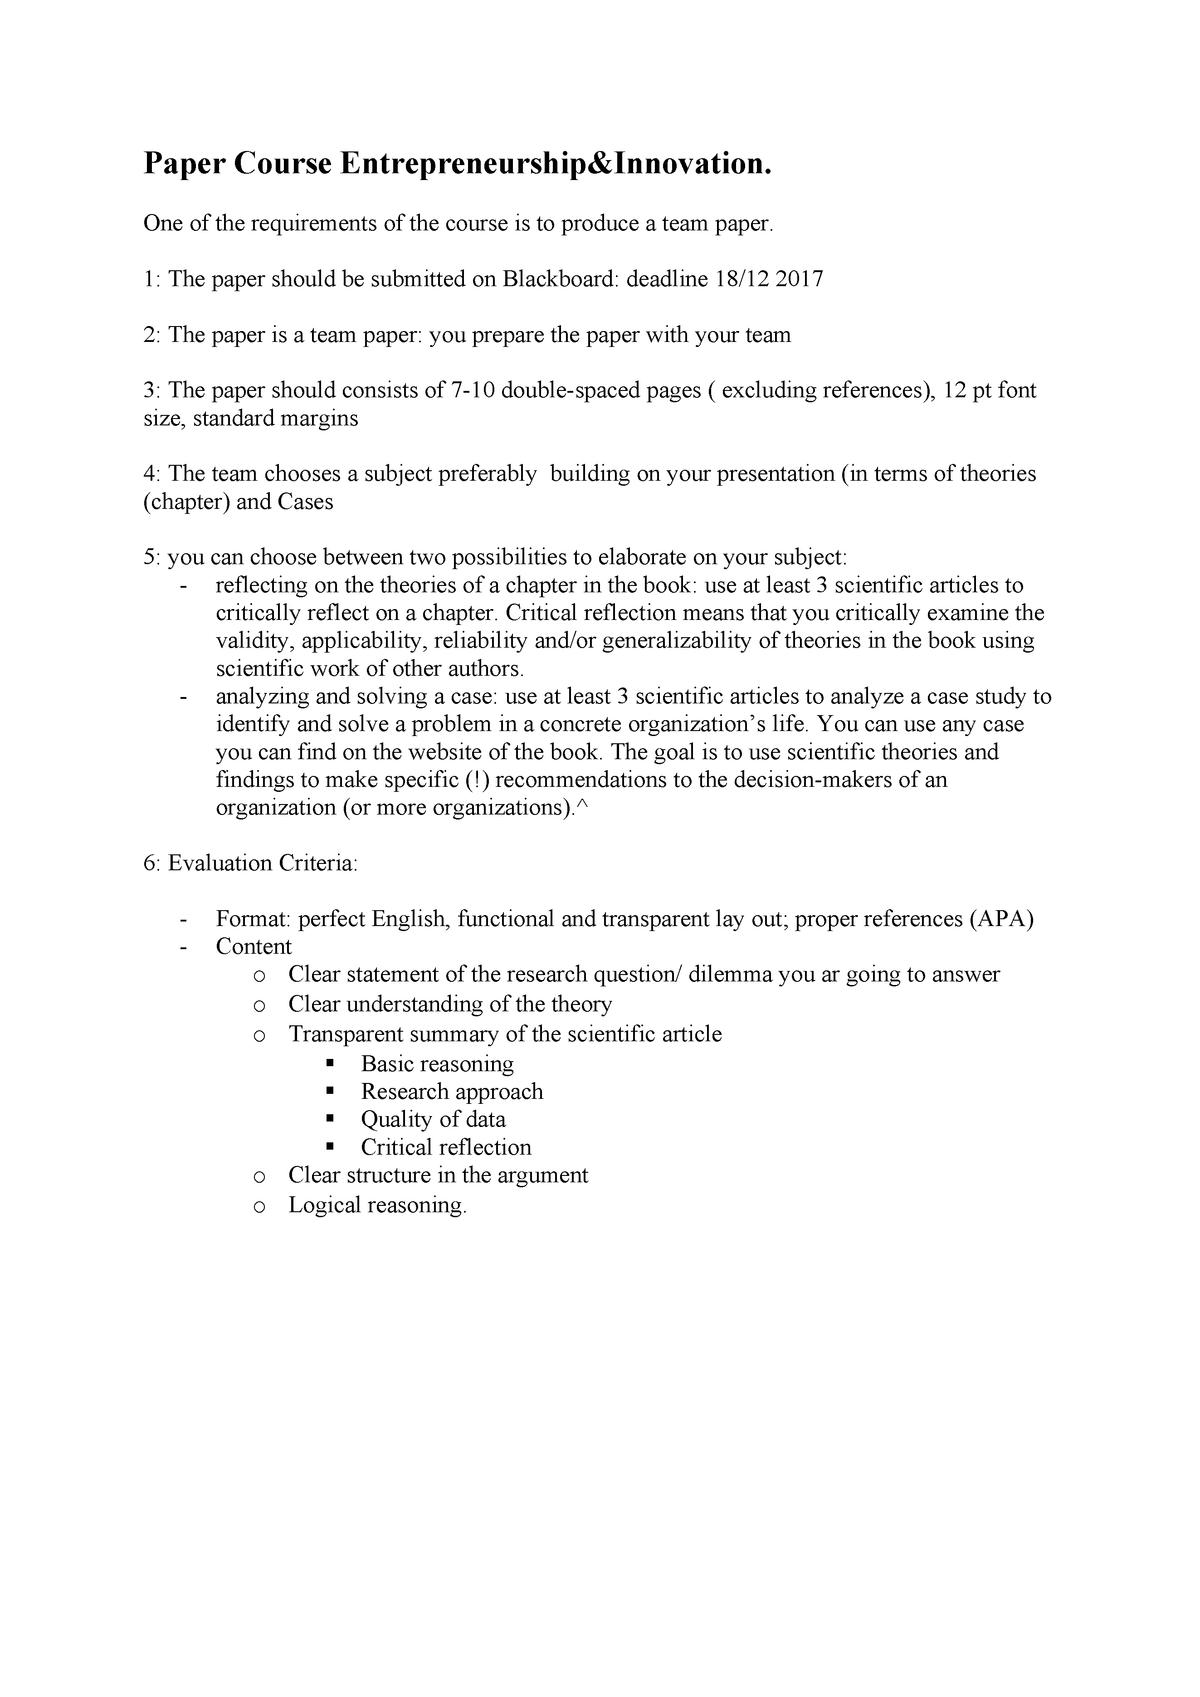 Memo final paper - 6012B0215Y: Entrepreneurship and